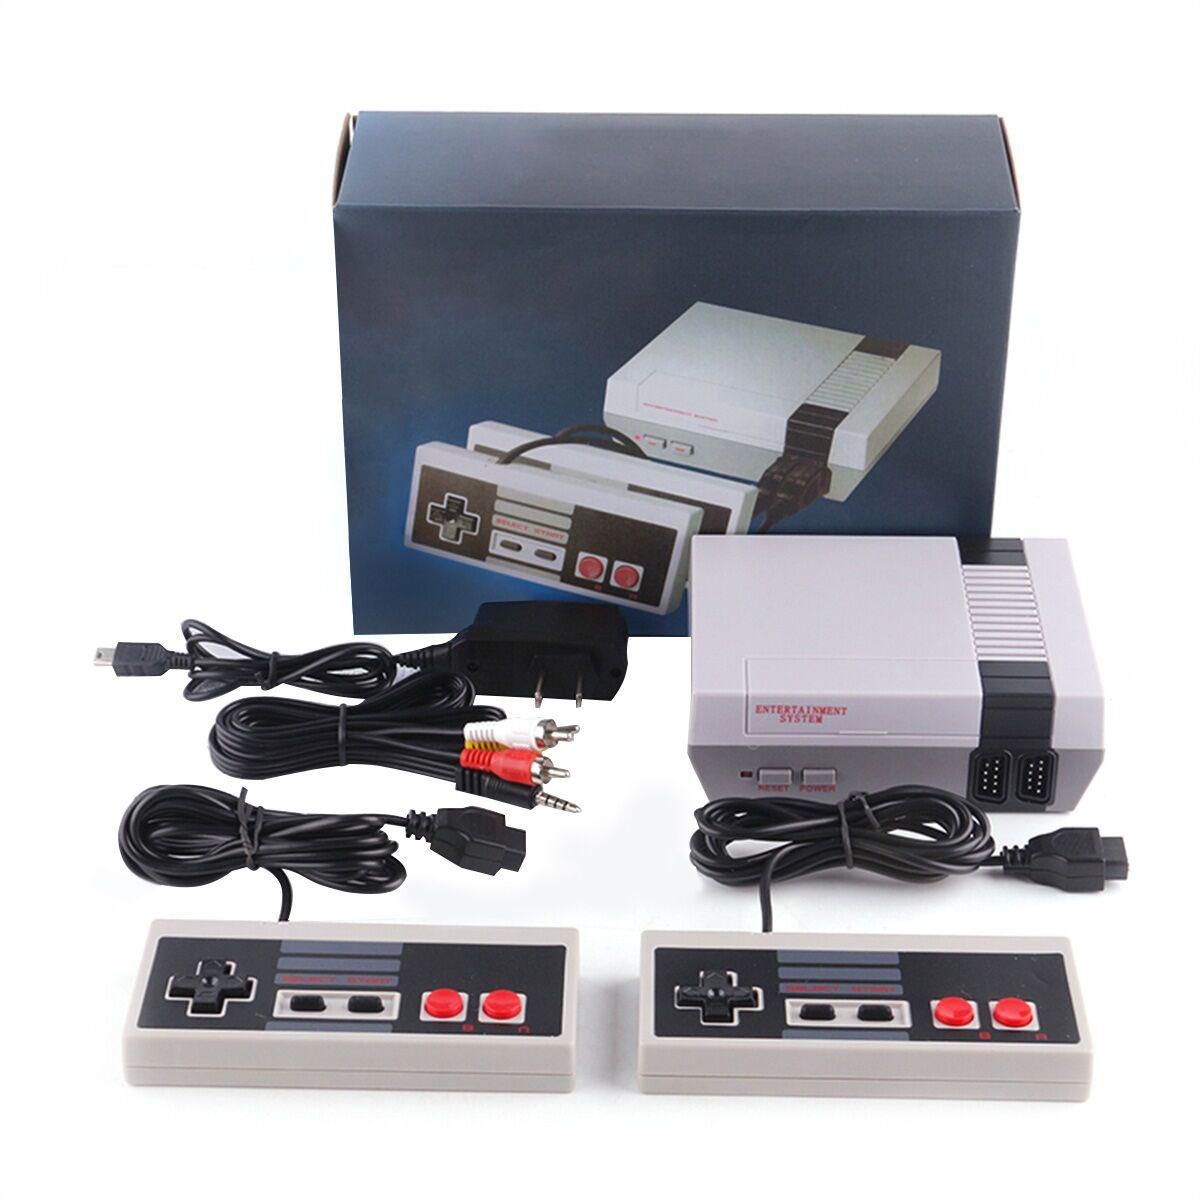 Yeni Geliş Nes Mini TV Can Mağaza 620 500 Oyun Konsolu video El İçin NES Oyunları Konsollar Wth Perakende Kutu Ambalaj